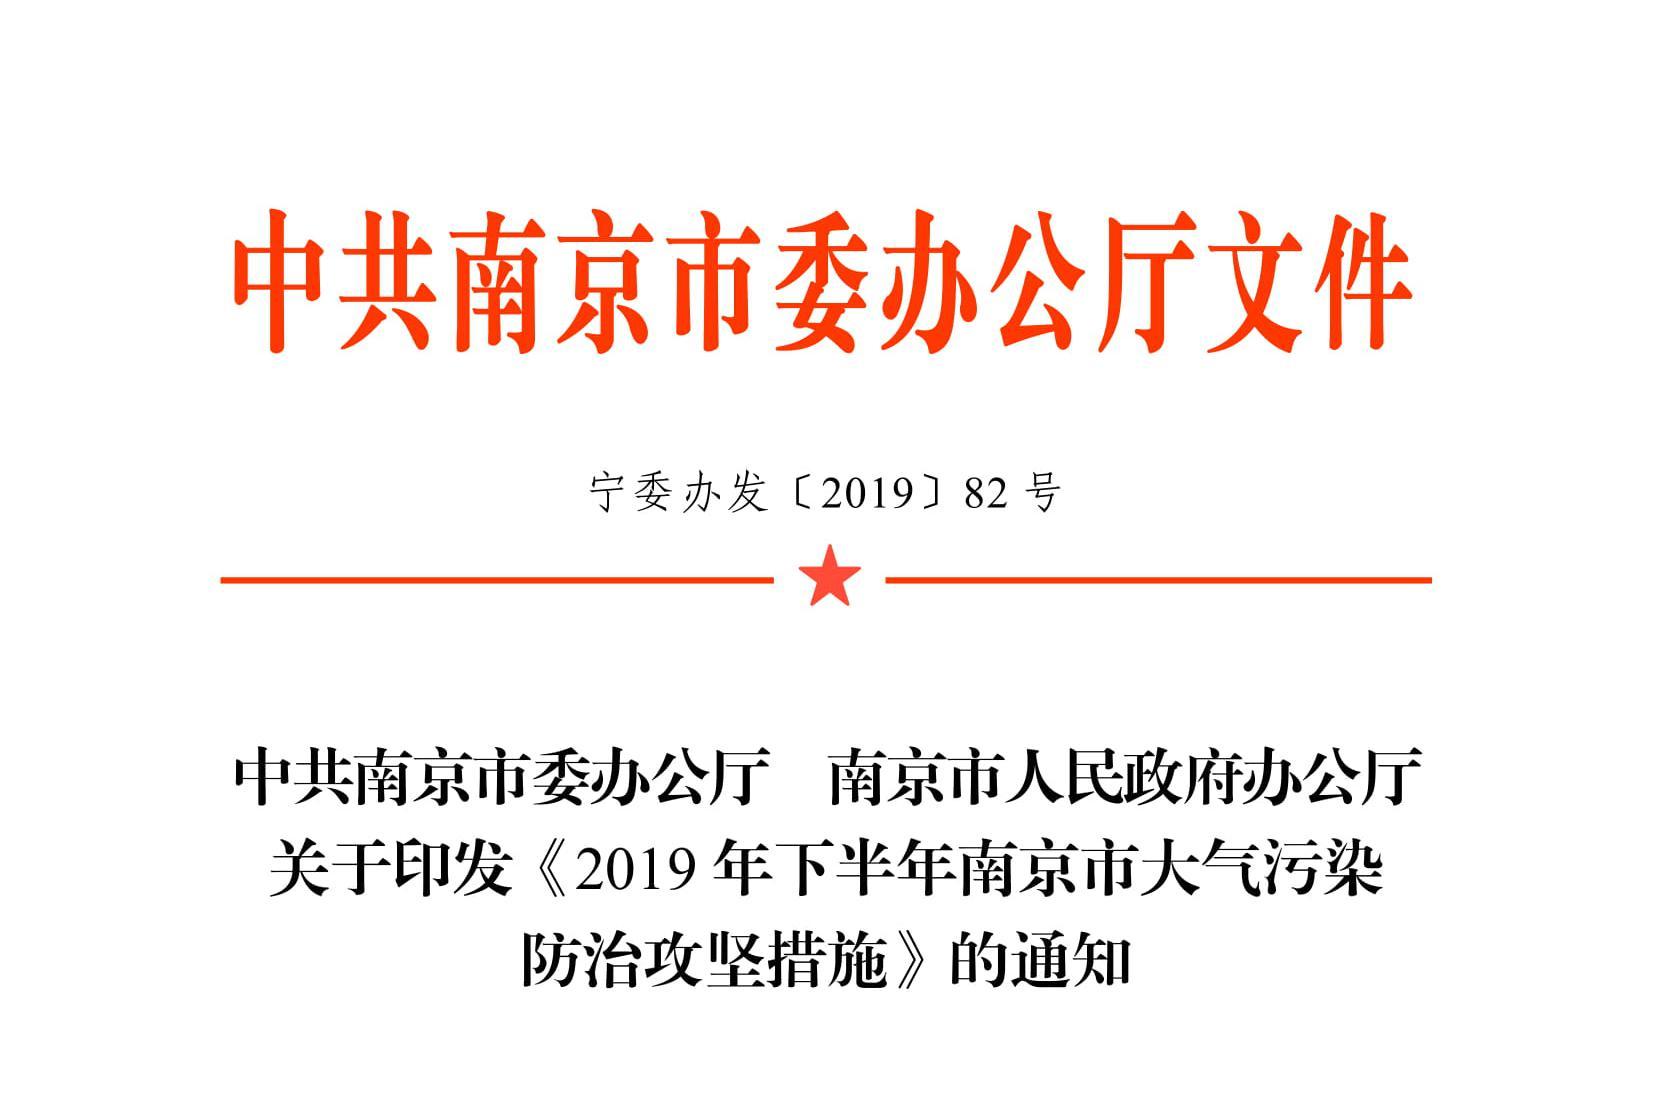 2019年下半年南京市大气污染防治攻坚措施-③从严管控扬尘污染